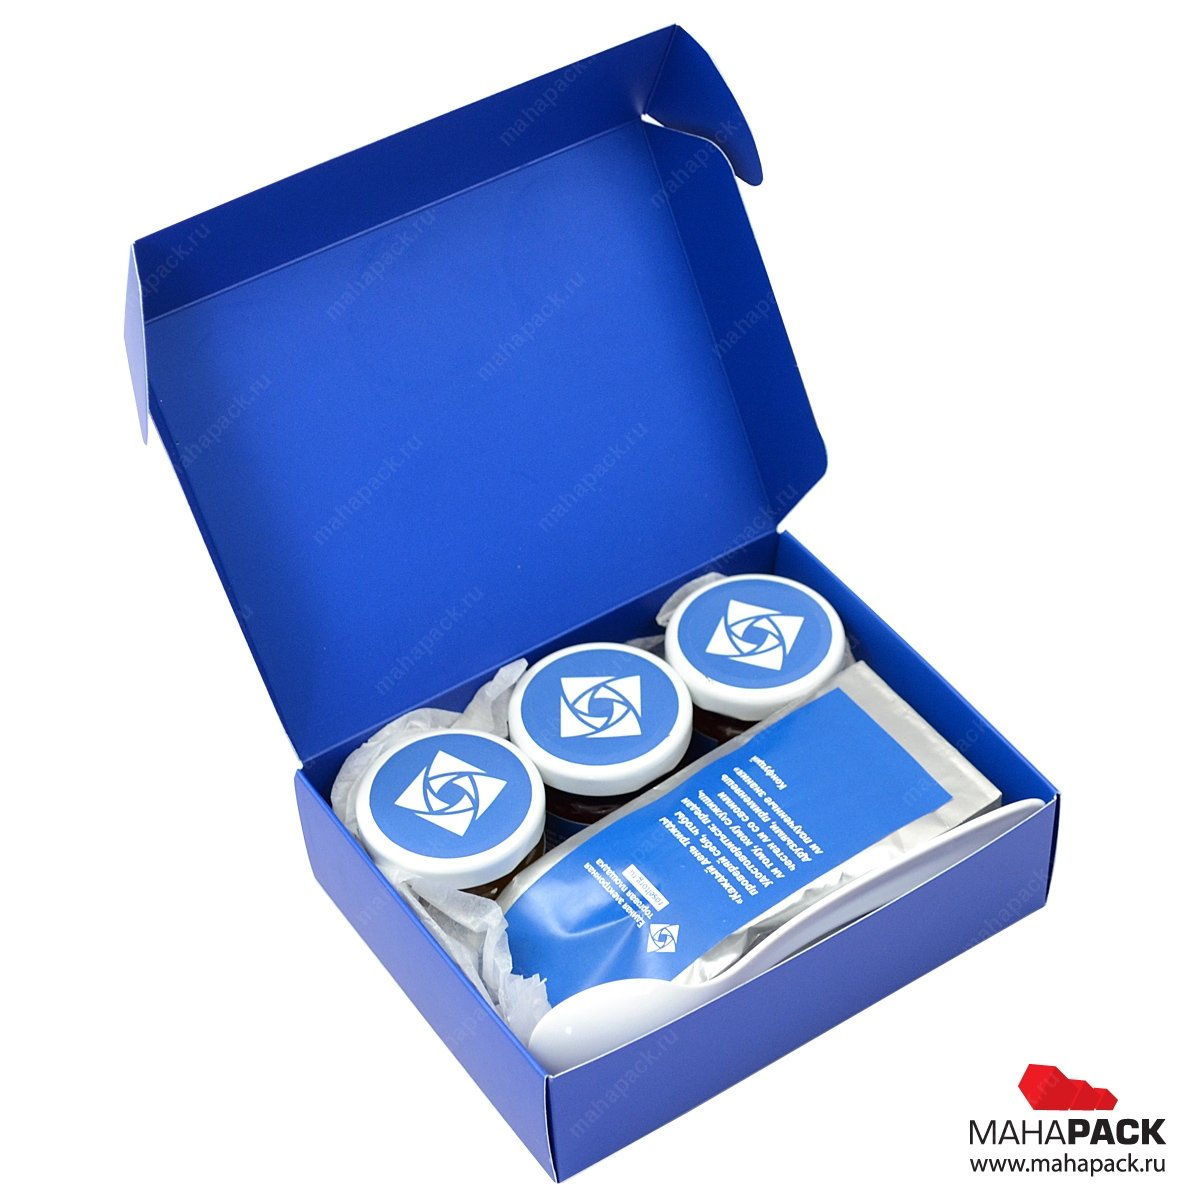 Подарочная коробка, подарочная упаковка